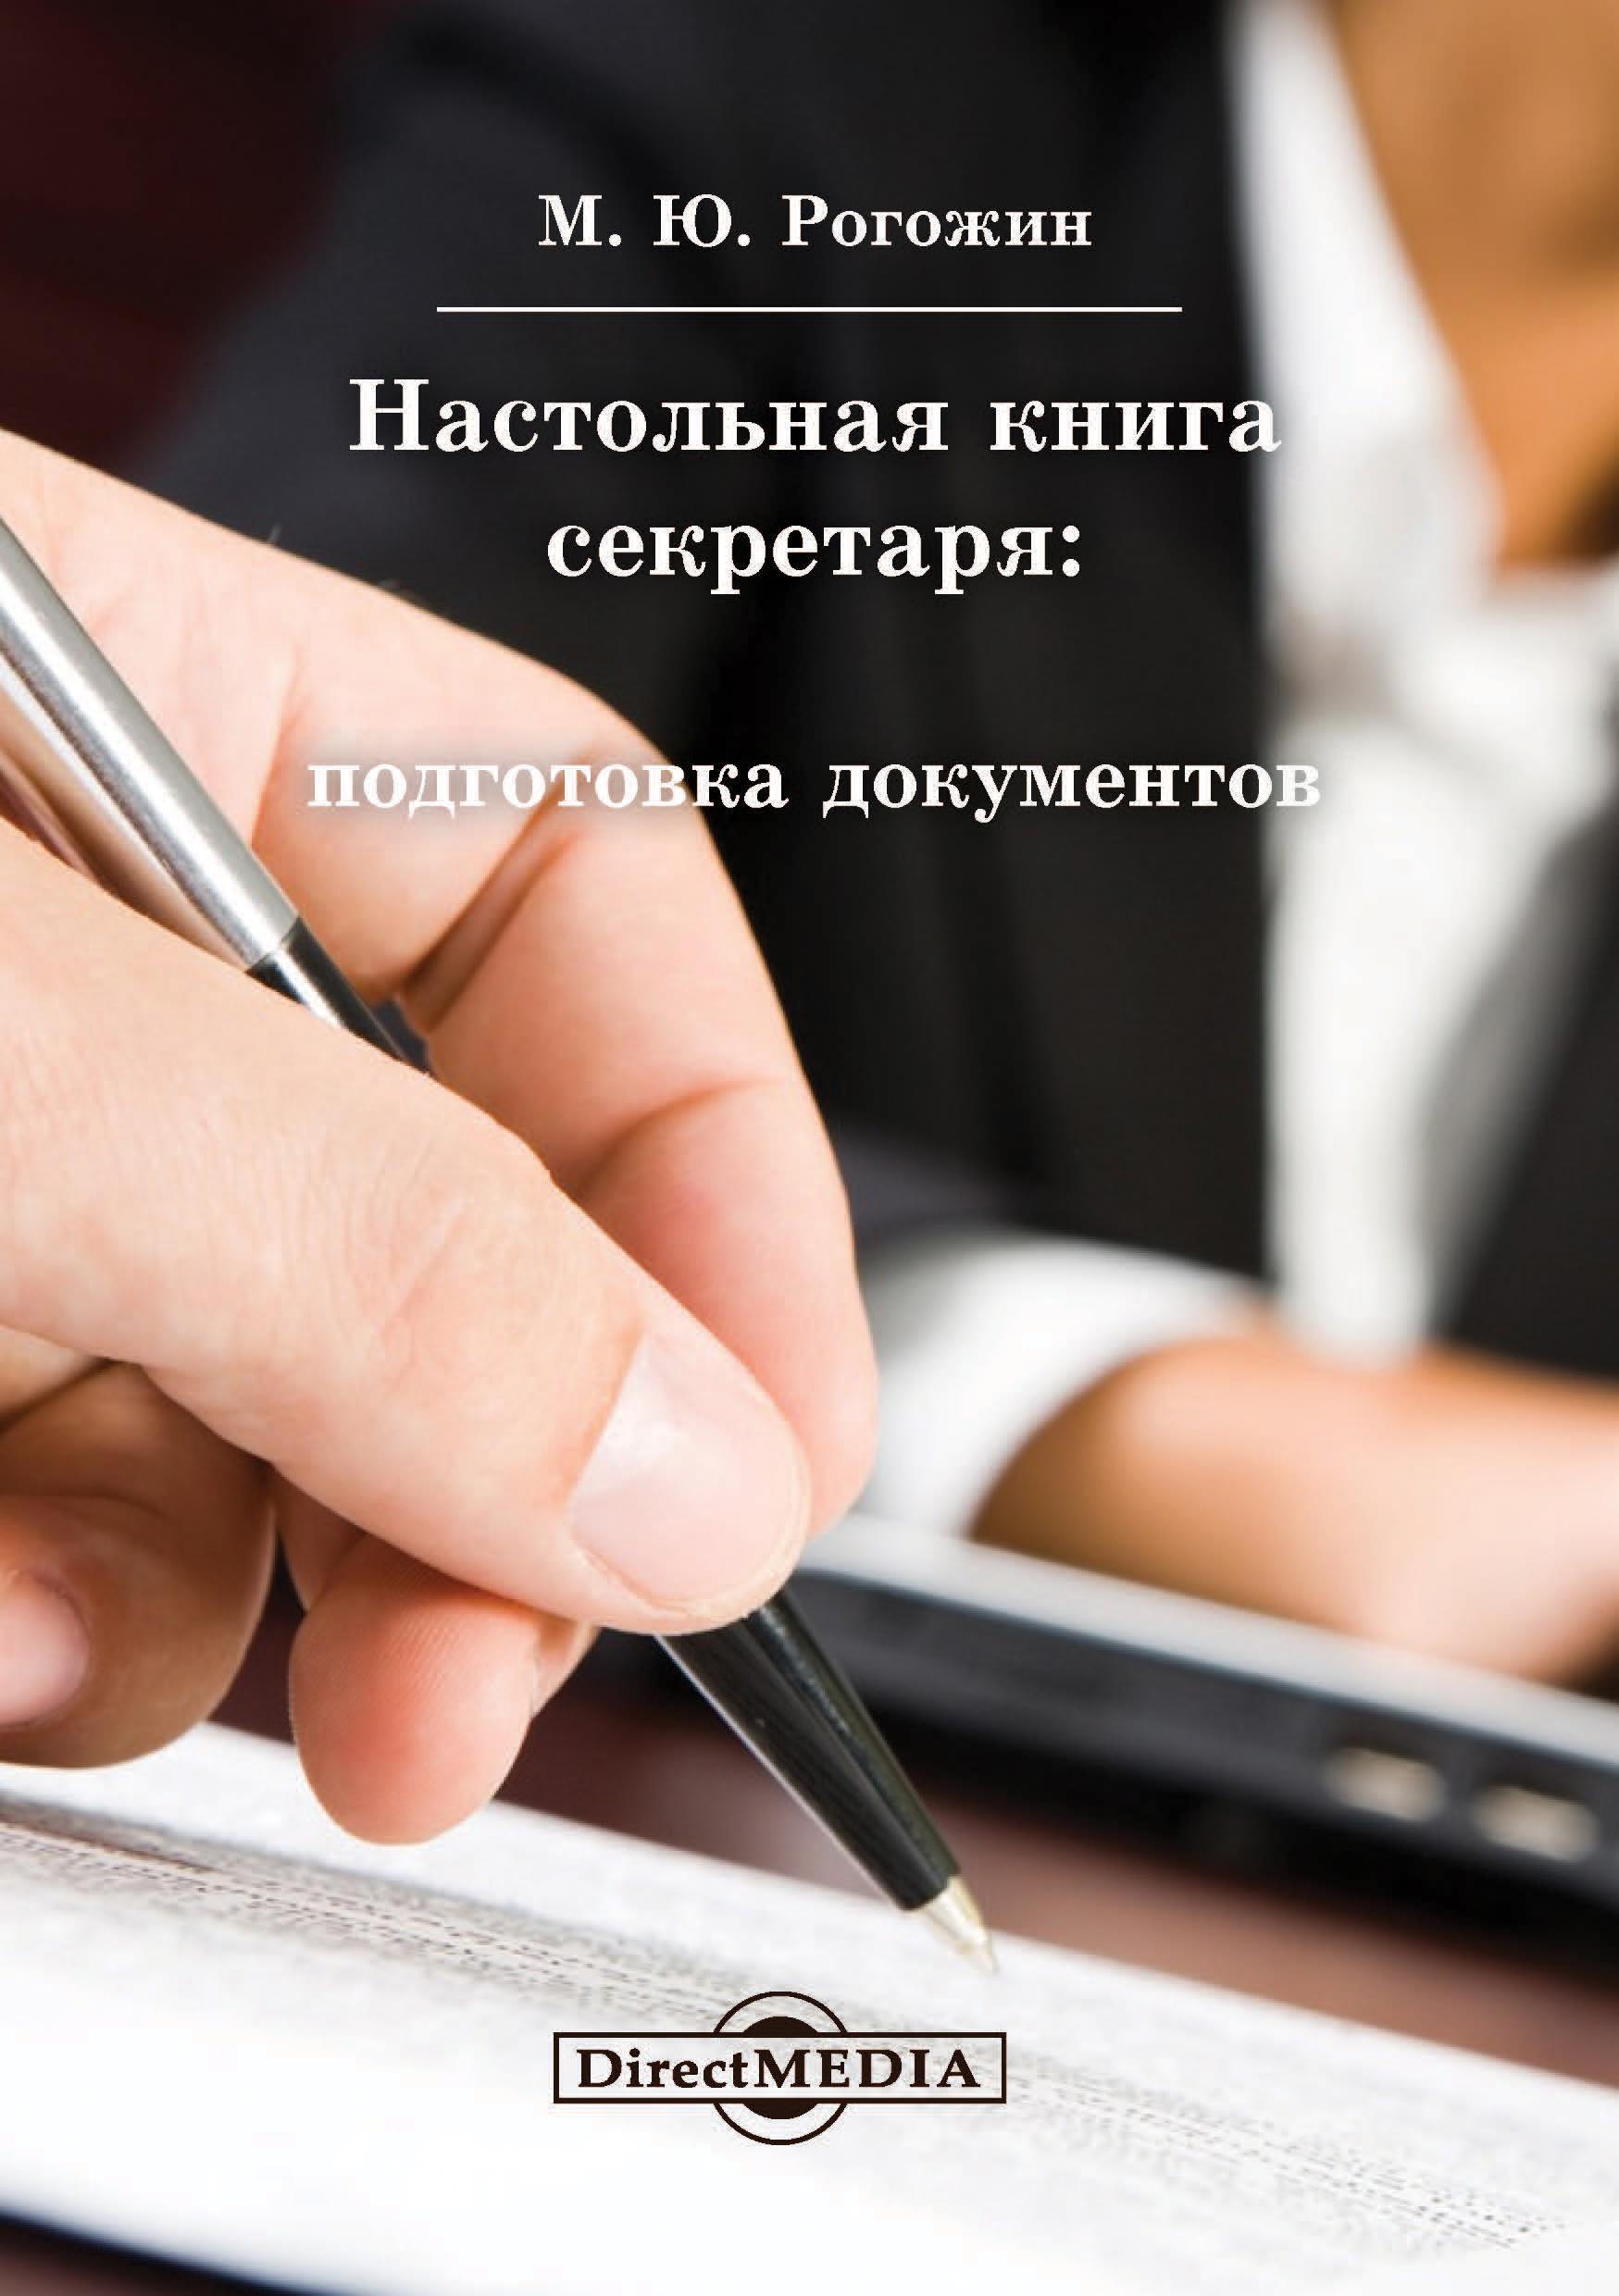 Михаил Рогожин / Настольная книга секретаря: подготовка документов